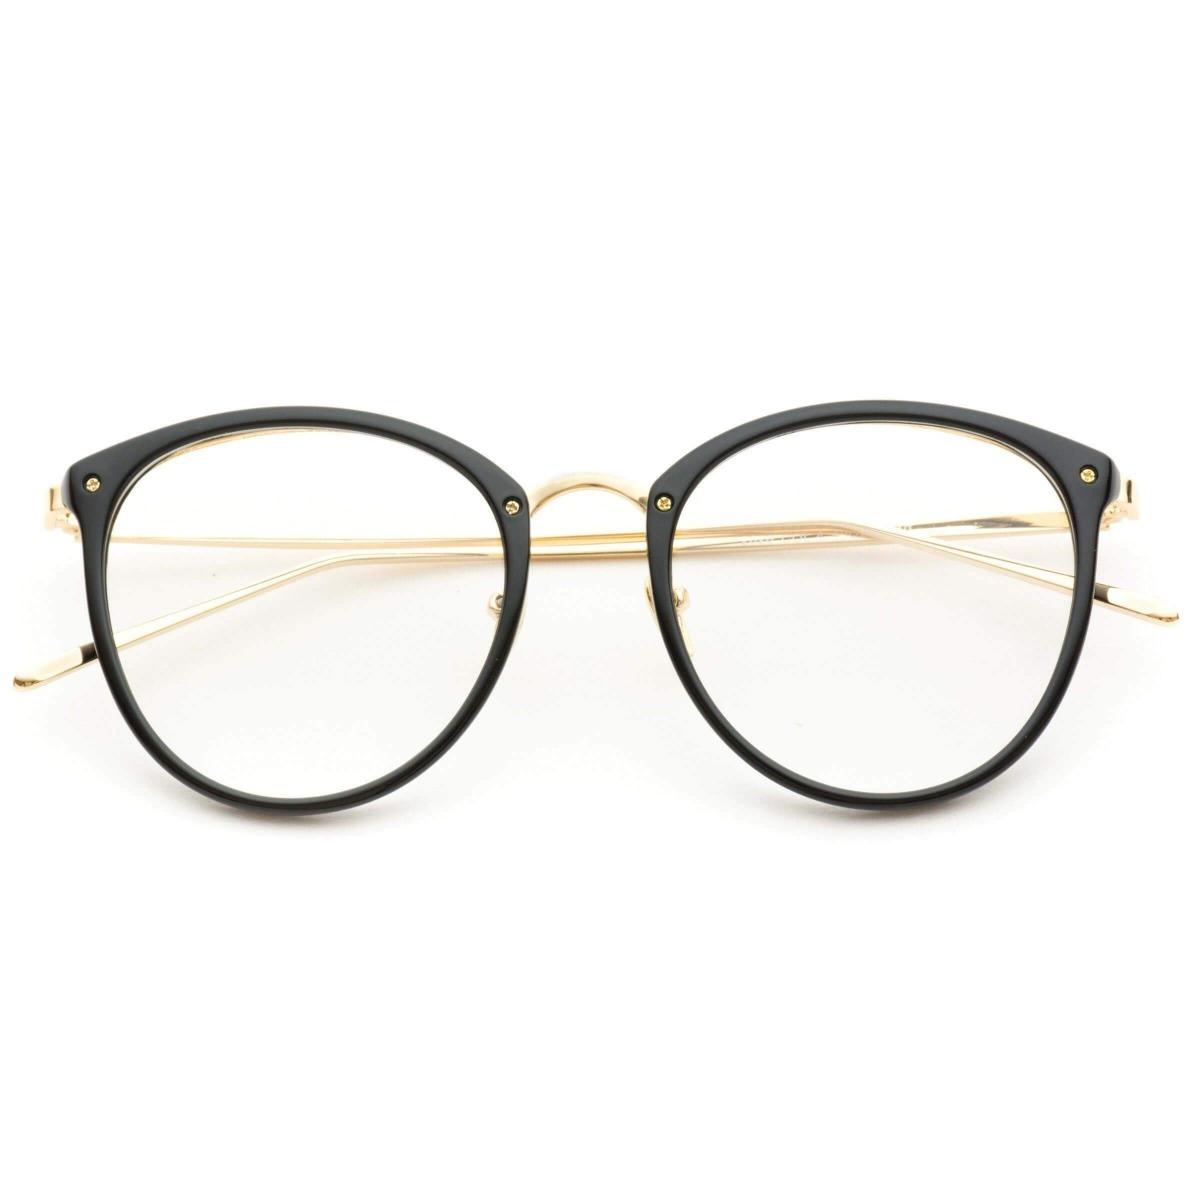 291826eae5fe4 armação oculos de grau prada original feminino novo design. Carregando zoom.